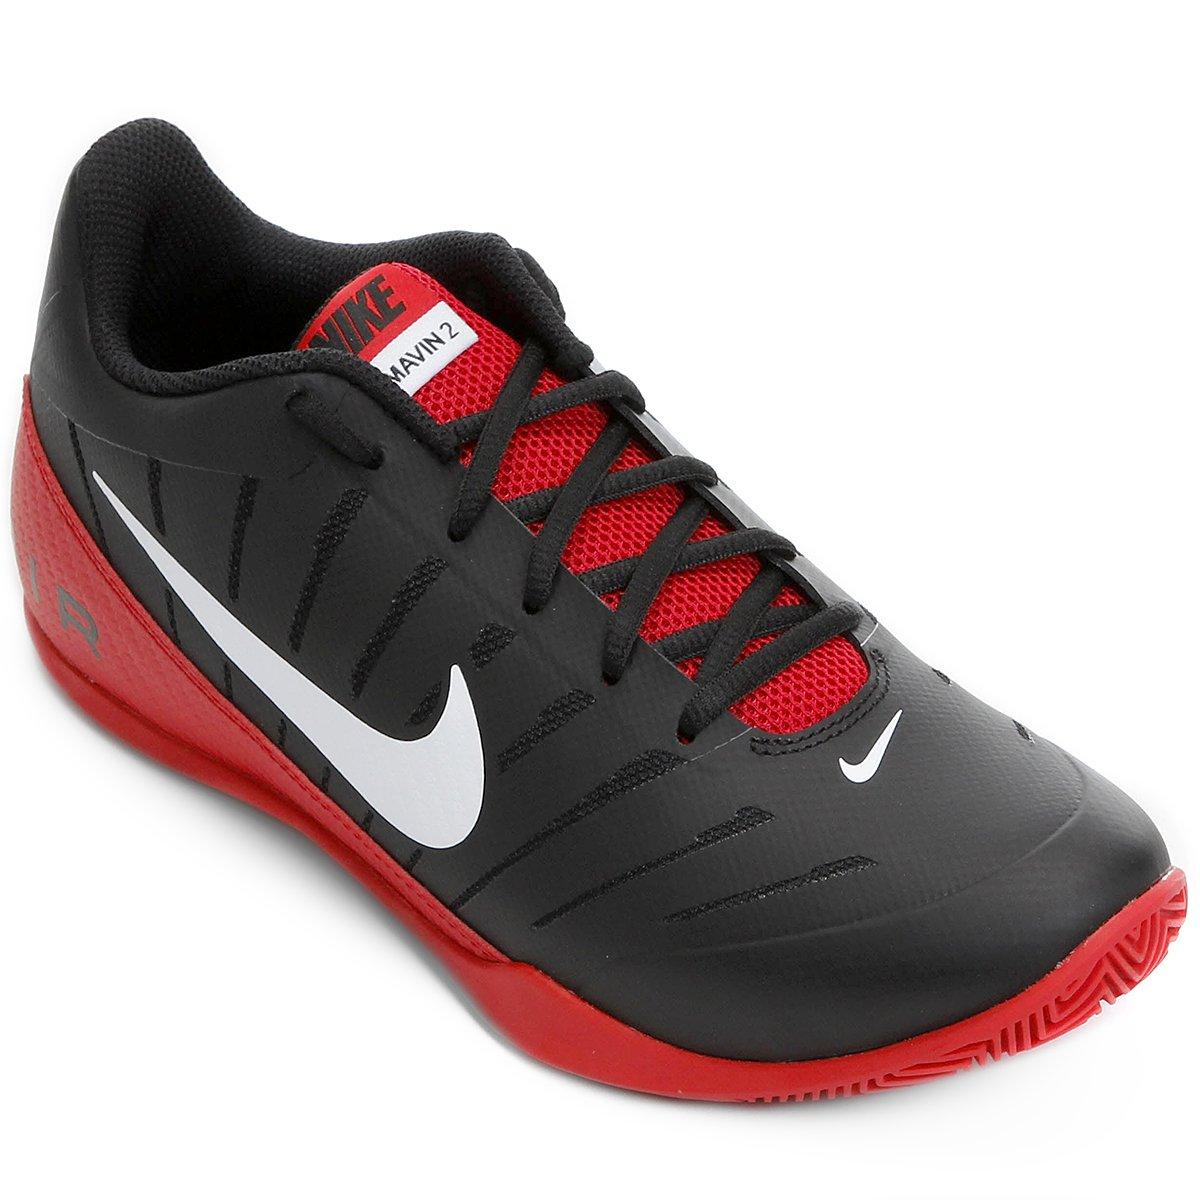 cd461ec23dc Tênis Nike Air Mavin Low 2 - Compre Agora